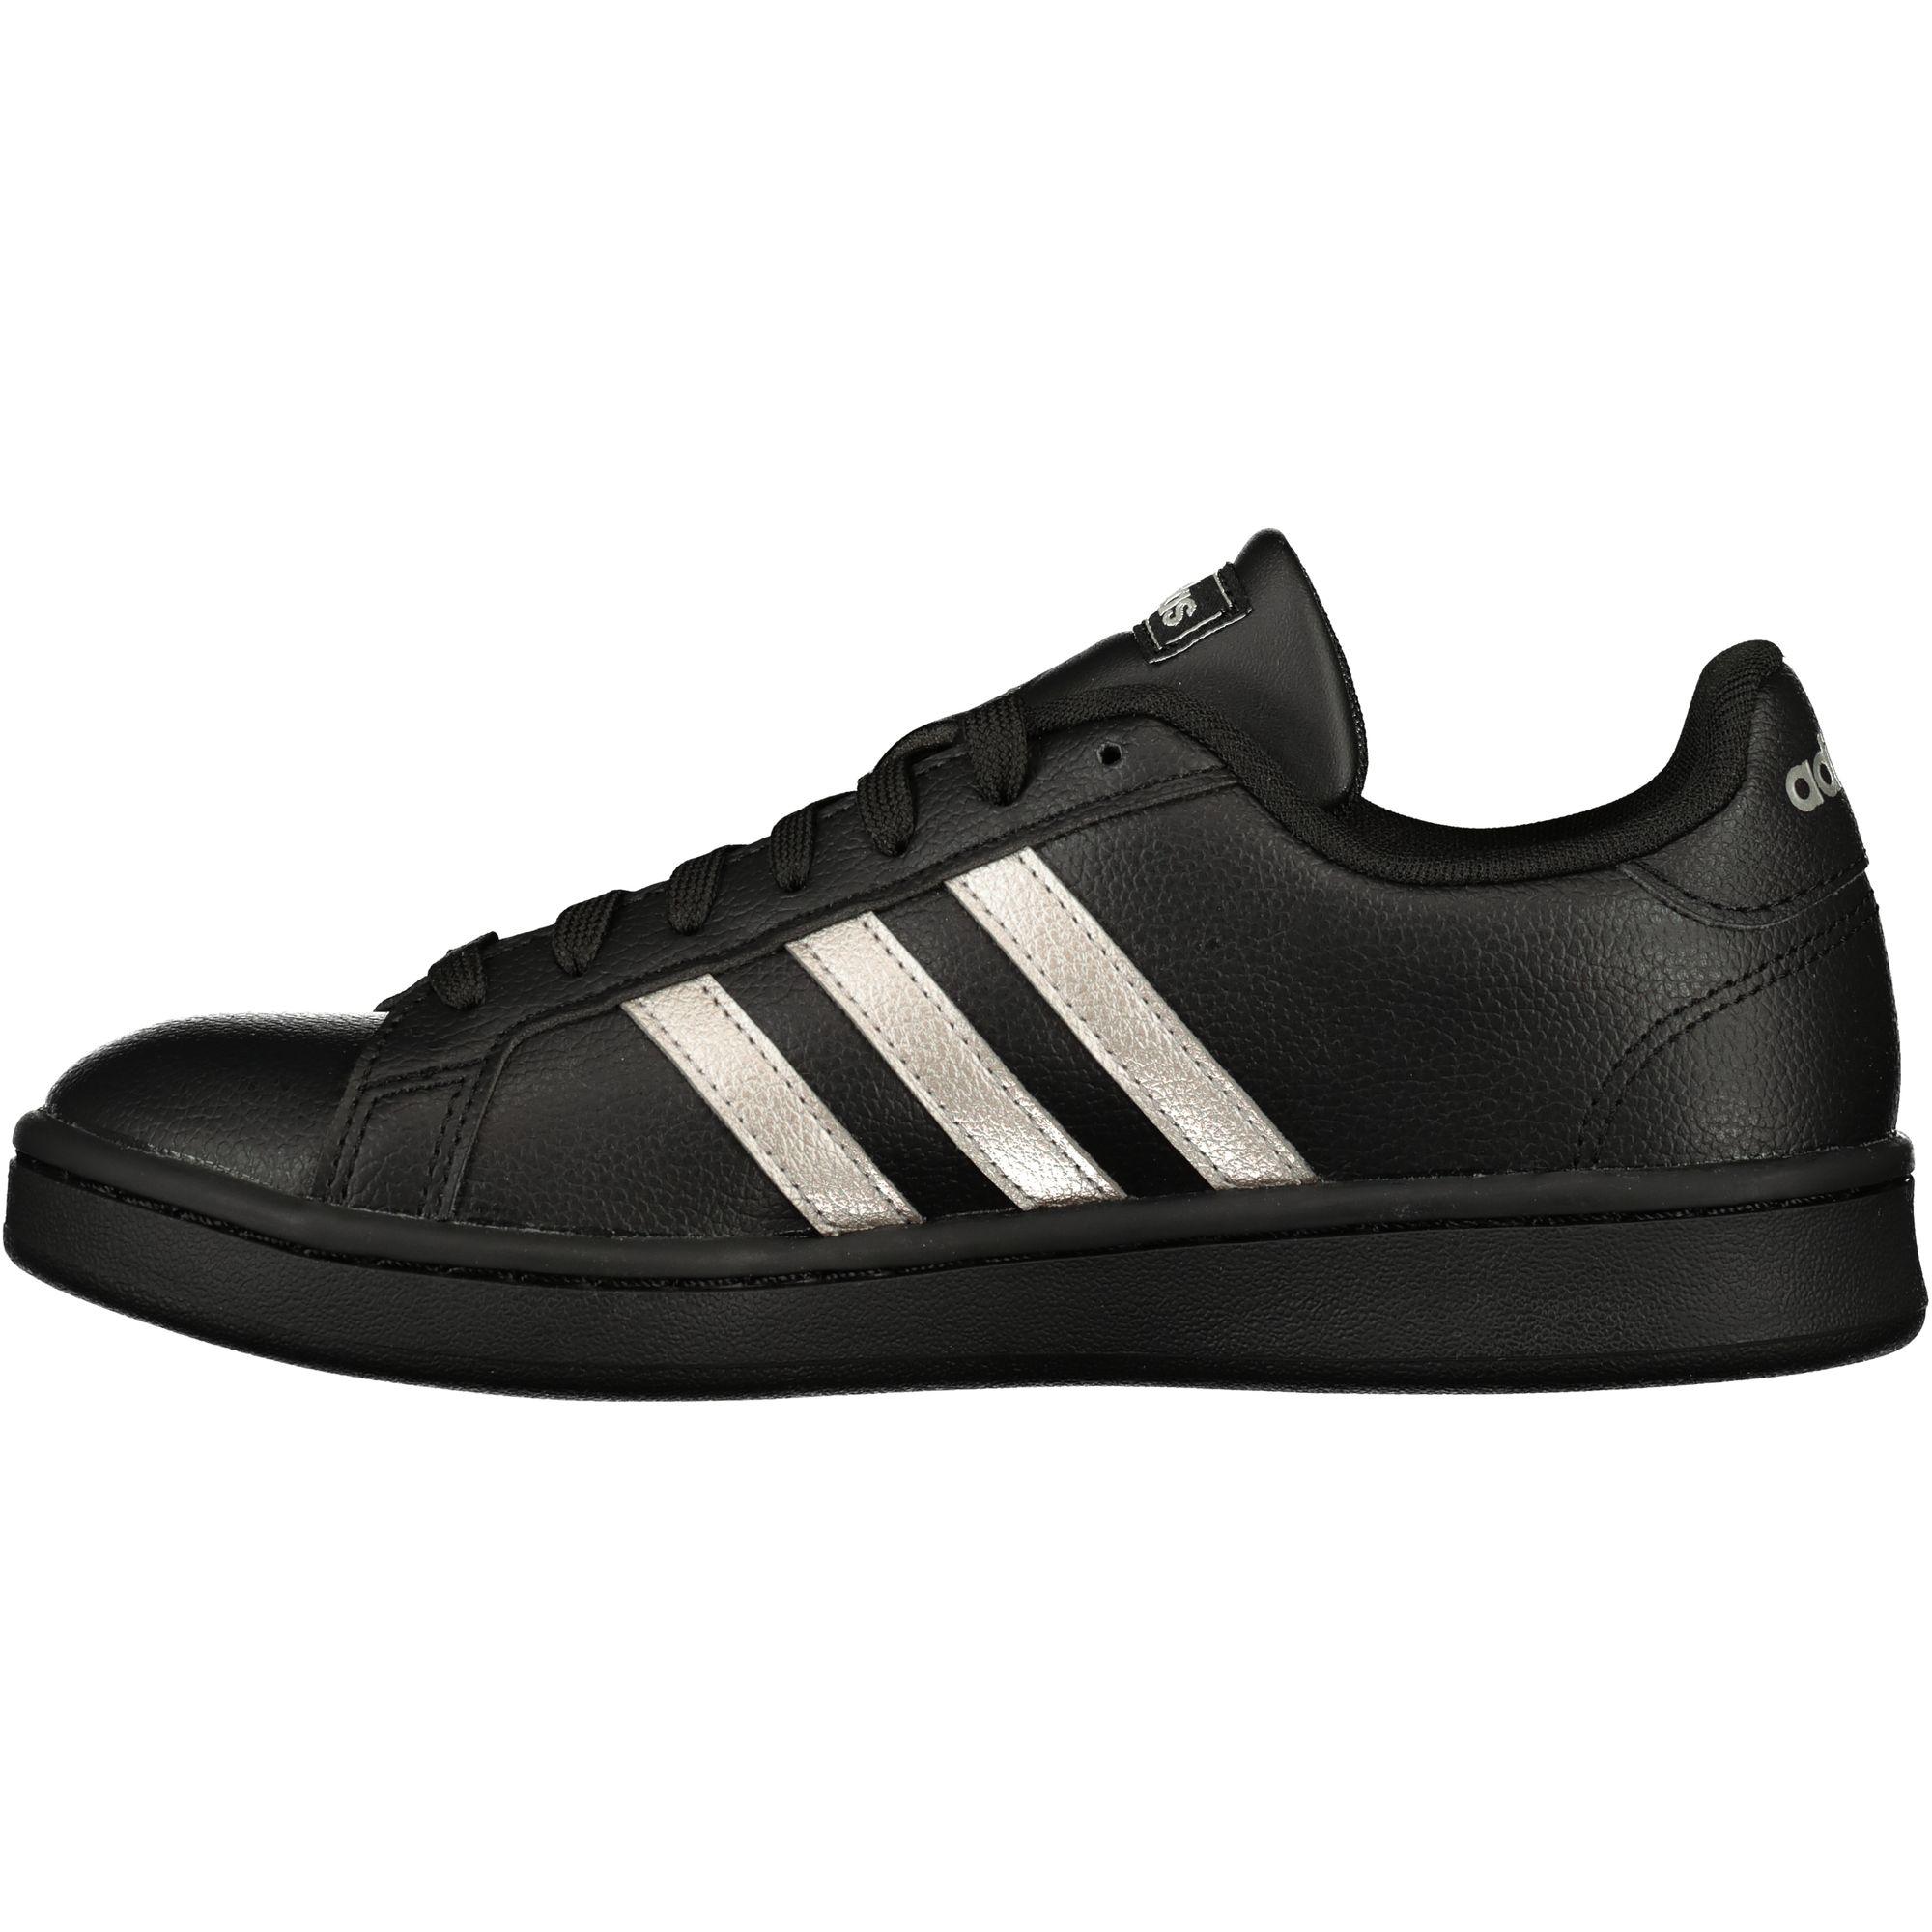 Adidas Gold Schuhe Schwarz Damen Adidas Schuhe Y76bfgy